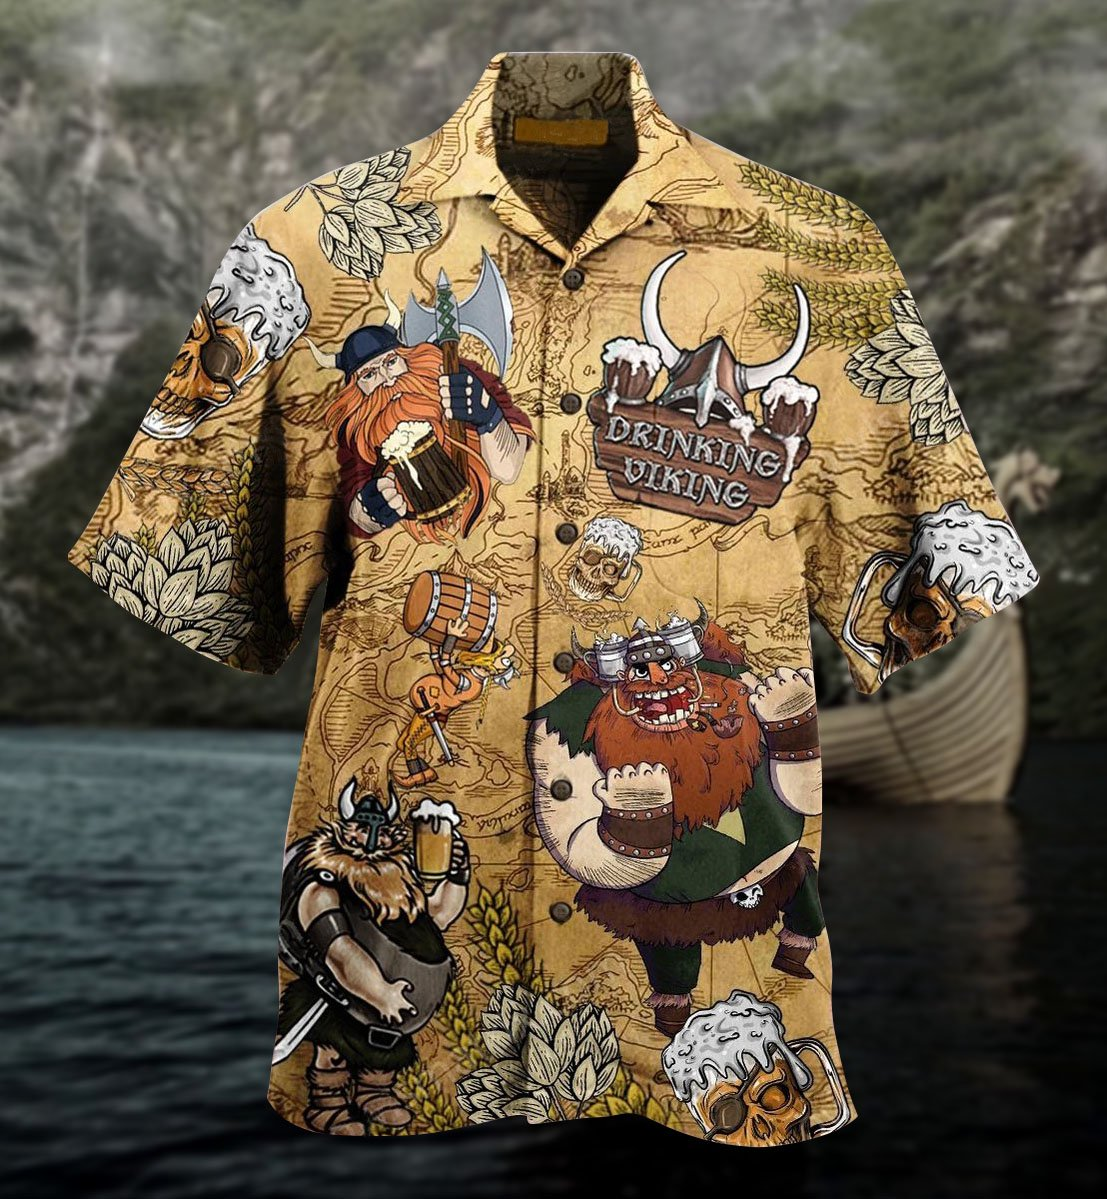 Viking drinking beer Hawaiian shirt